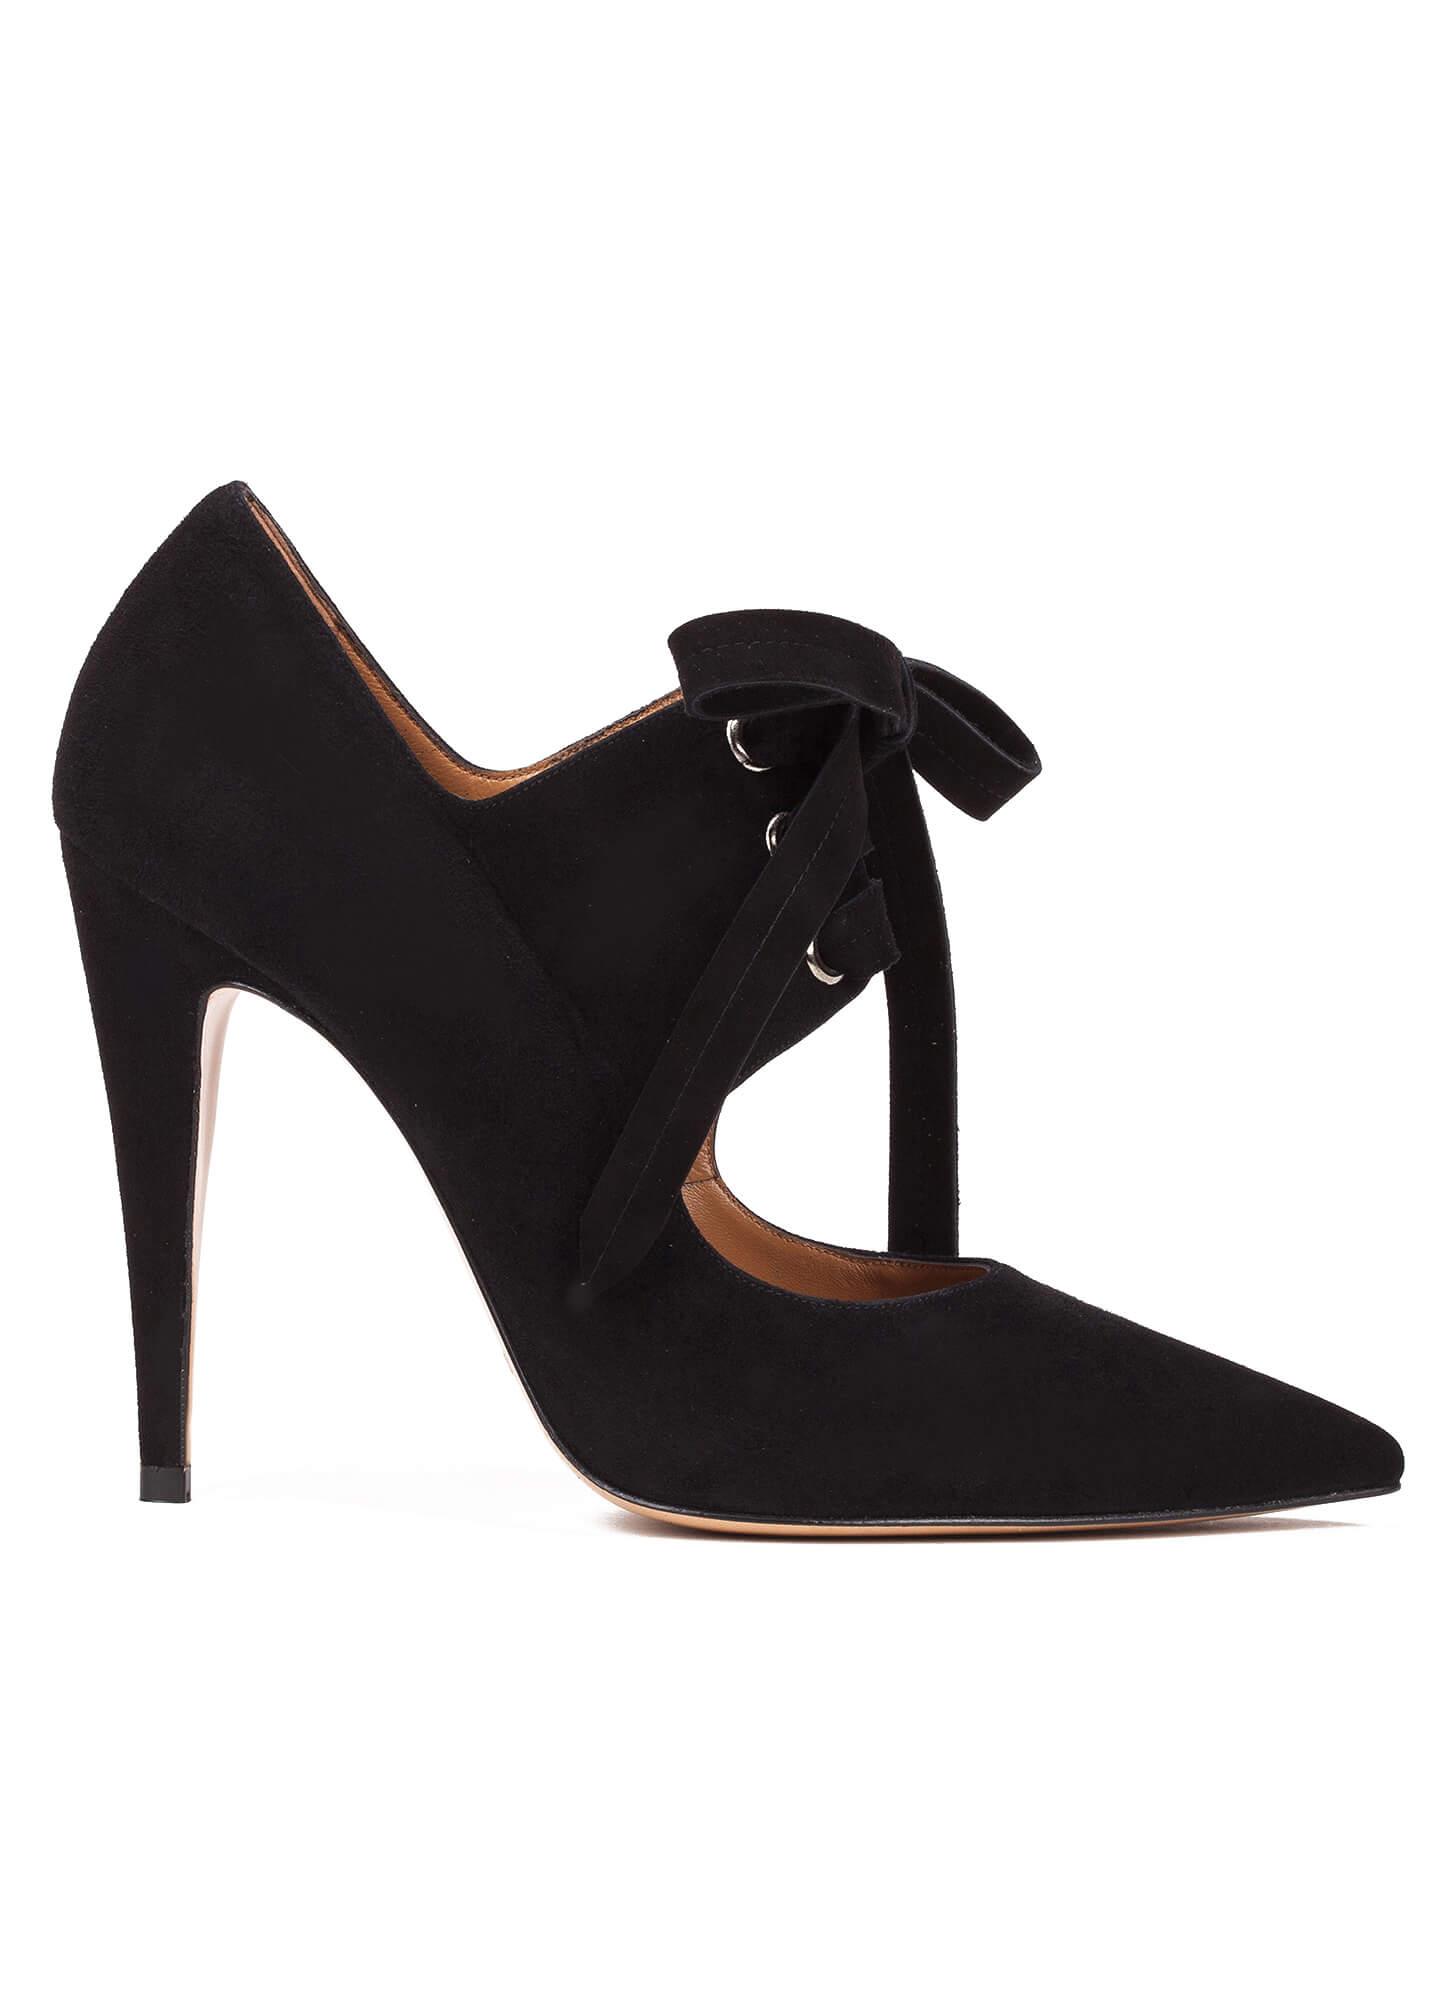 a745fd19bdcf ... online shoe store Pura Lopez. Lacy Pura López. Lace-up high heel shoes  in black suede ...